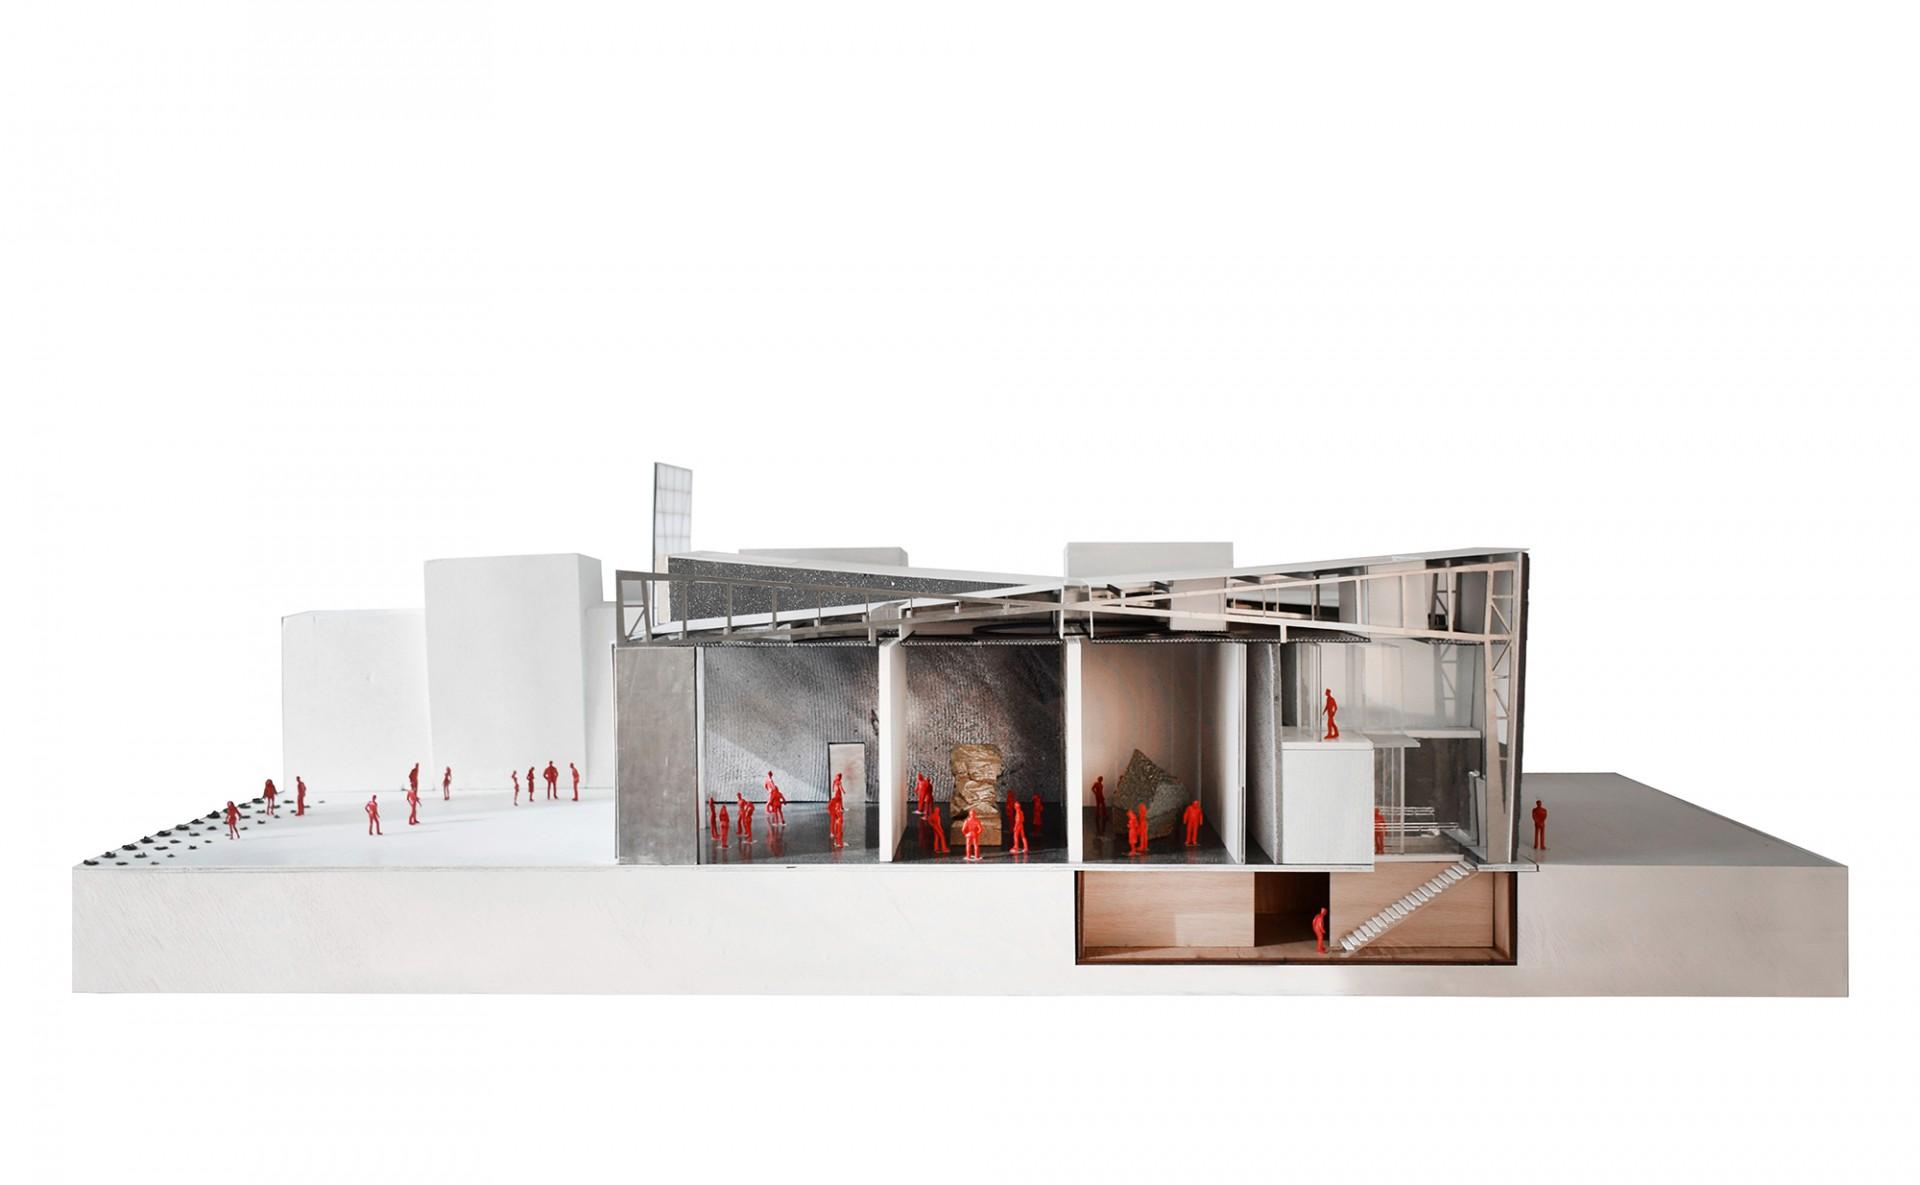 Flexible Raumspiele. Der Schnitt durch das Modell zeigt die verschiedenen Ausstellungsbereiche mit den 8,10m hohen Decken im Erdgeschoss und weiteren Flächen im Untergeschoss.